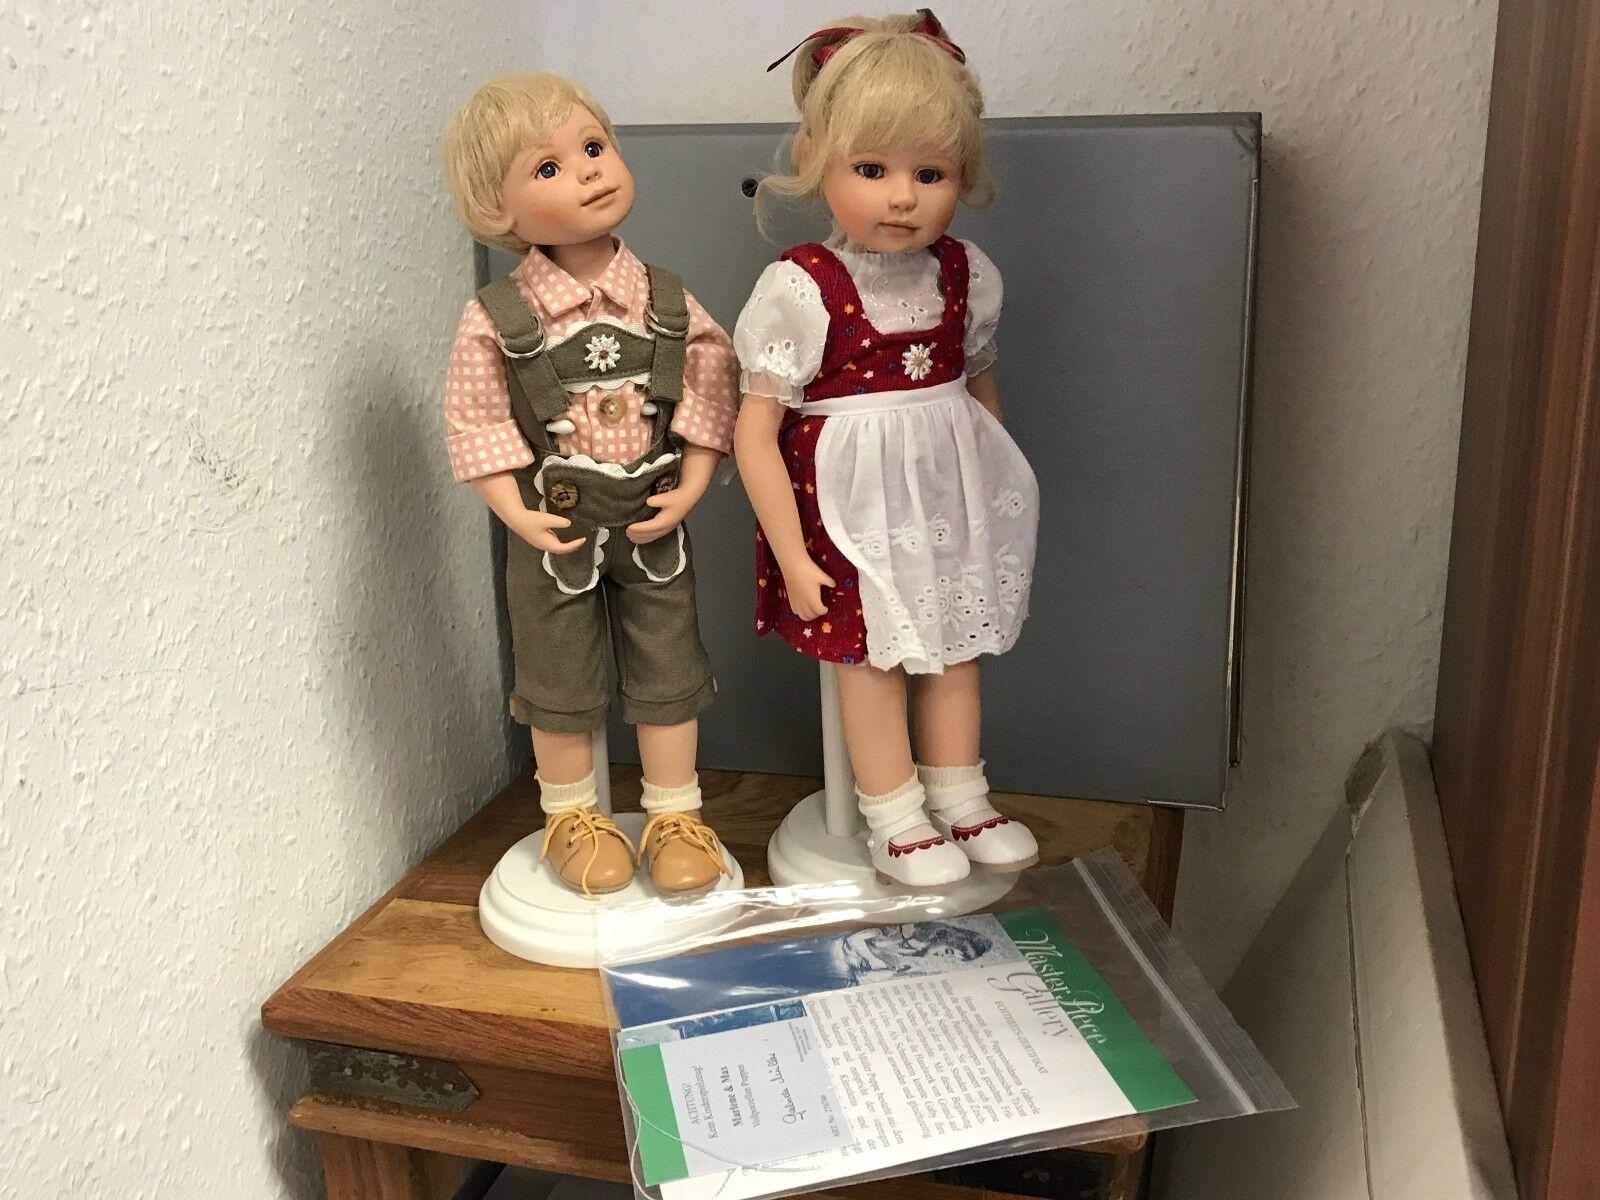 Gabriele Müller Porzellan Porzellan Porzellan Puppen Marlene & Max 30 cm. Top Zustand 94e6d8